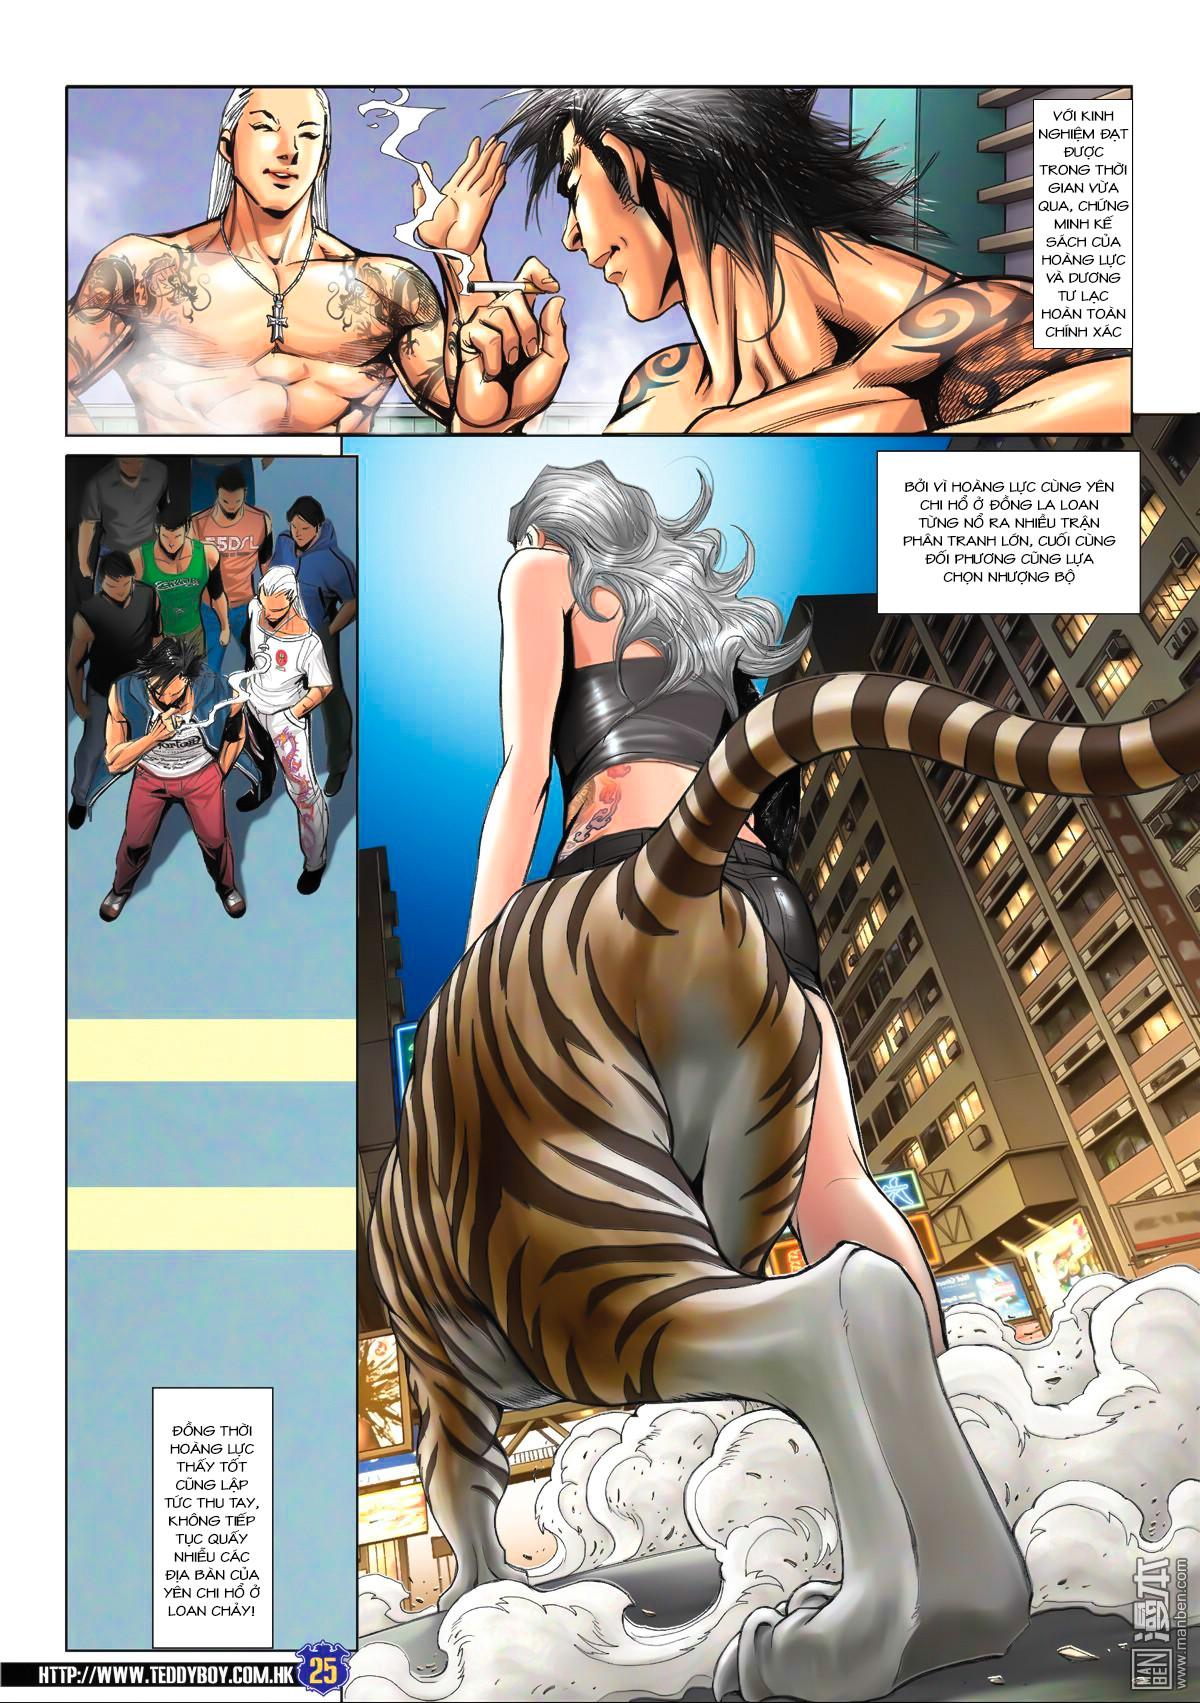 Người Trong Giang Hồ NetTruyen chap 1538 - Trang 21